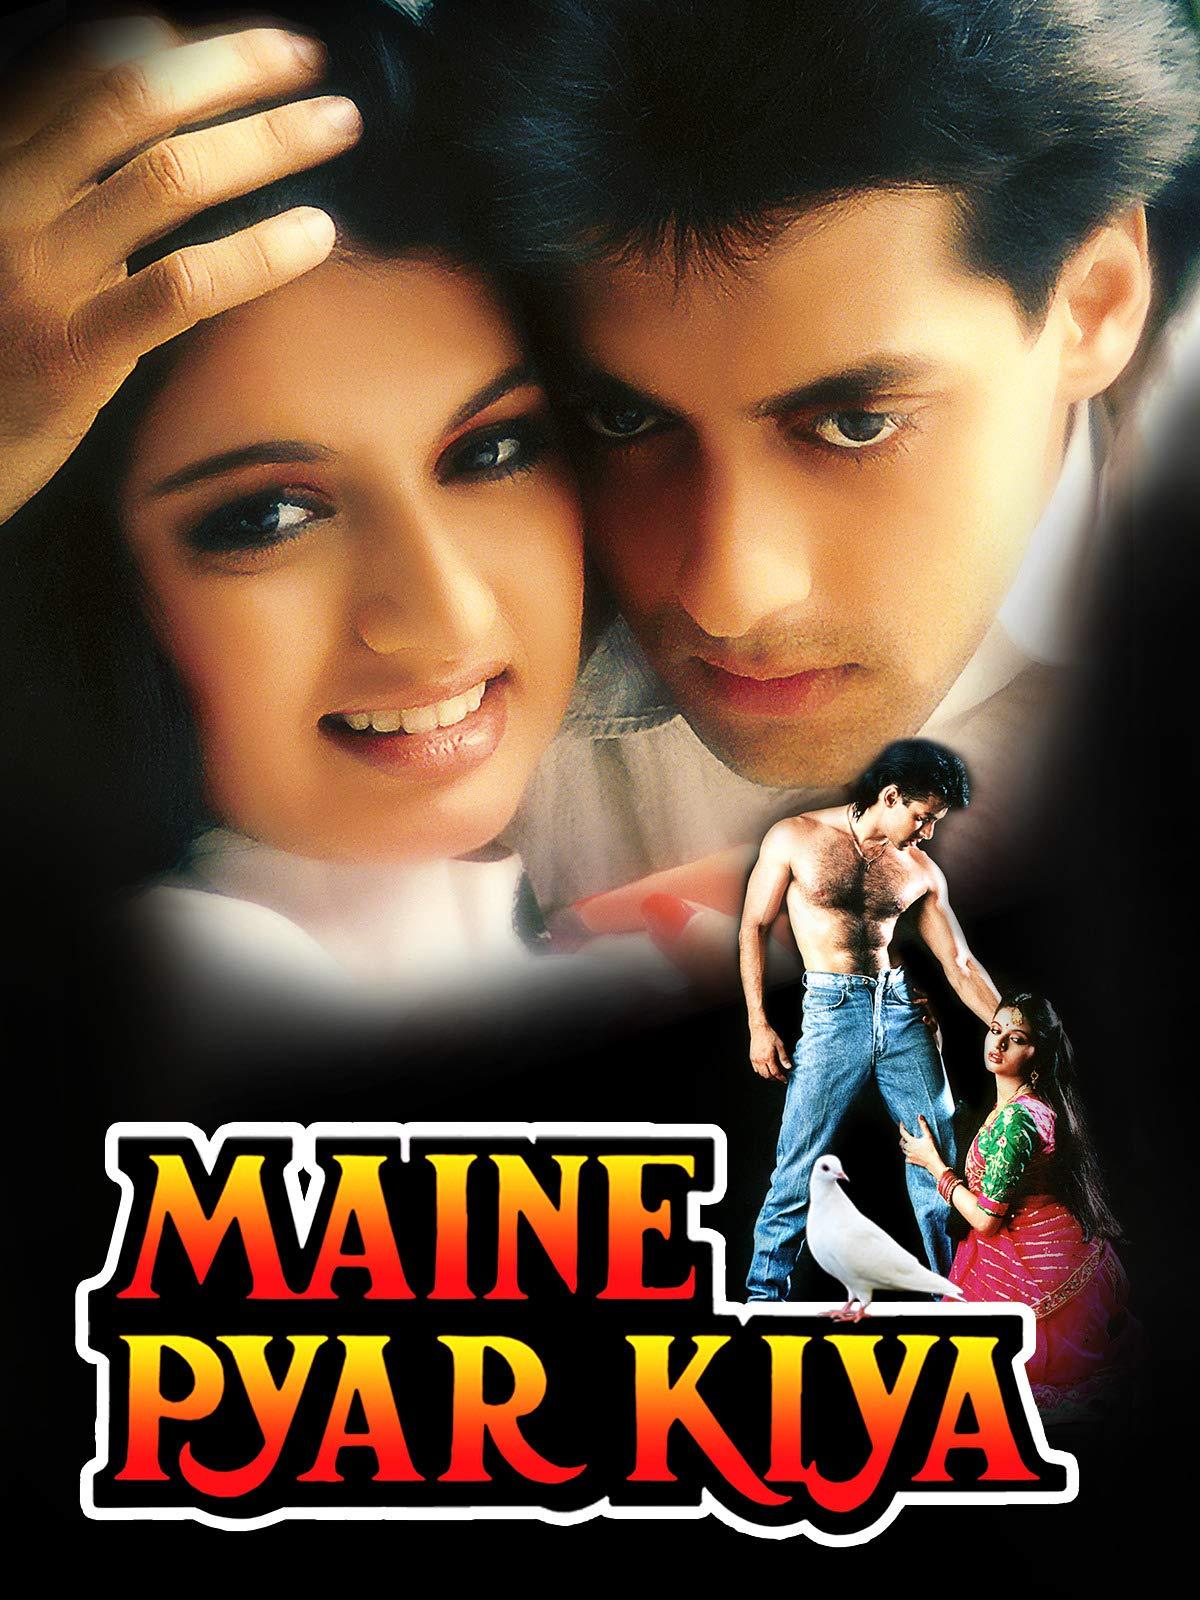 Maine Pyar Kiya (1989) 1080p NF WEB – DL DD+2.0 H264 | Dusictv | 8.90 GB |https://drive.klop.me/file/90af78a9fa